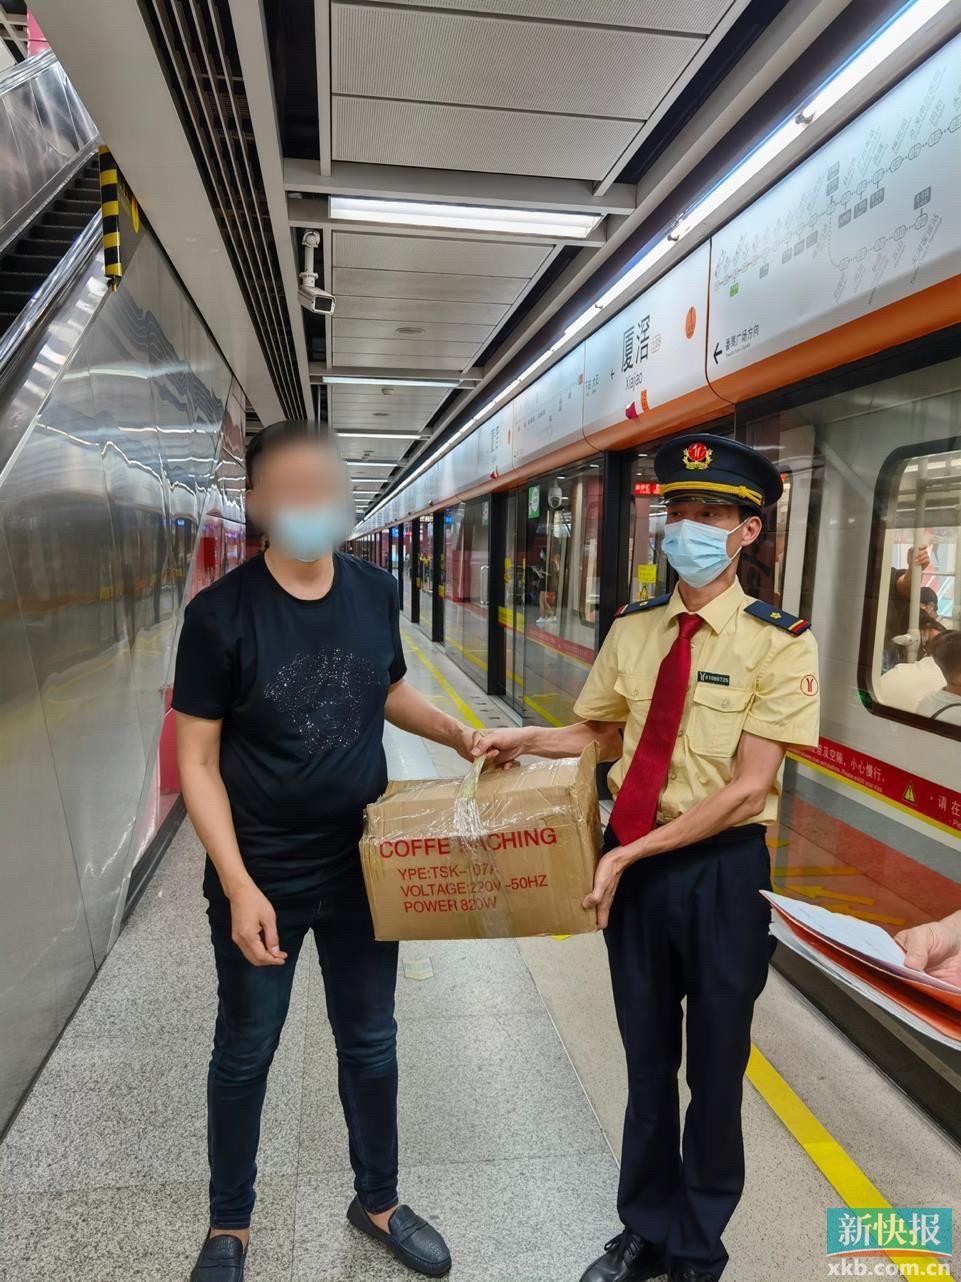 装有12万现金的纸箱落在地铁  幸得三号线两站联动完璧归赵